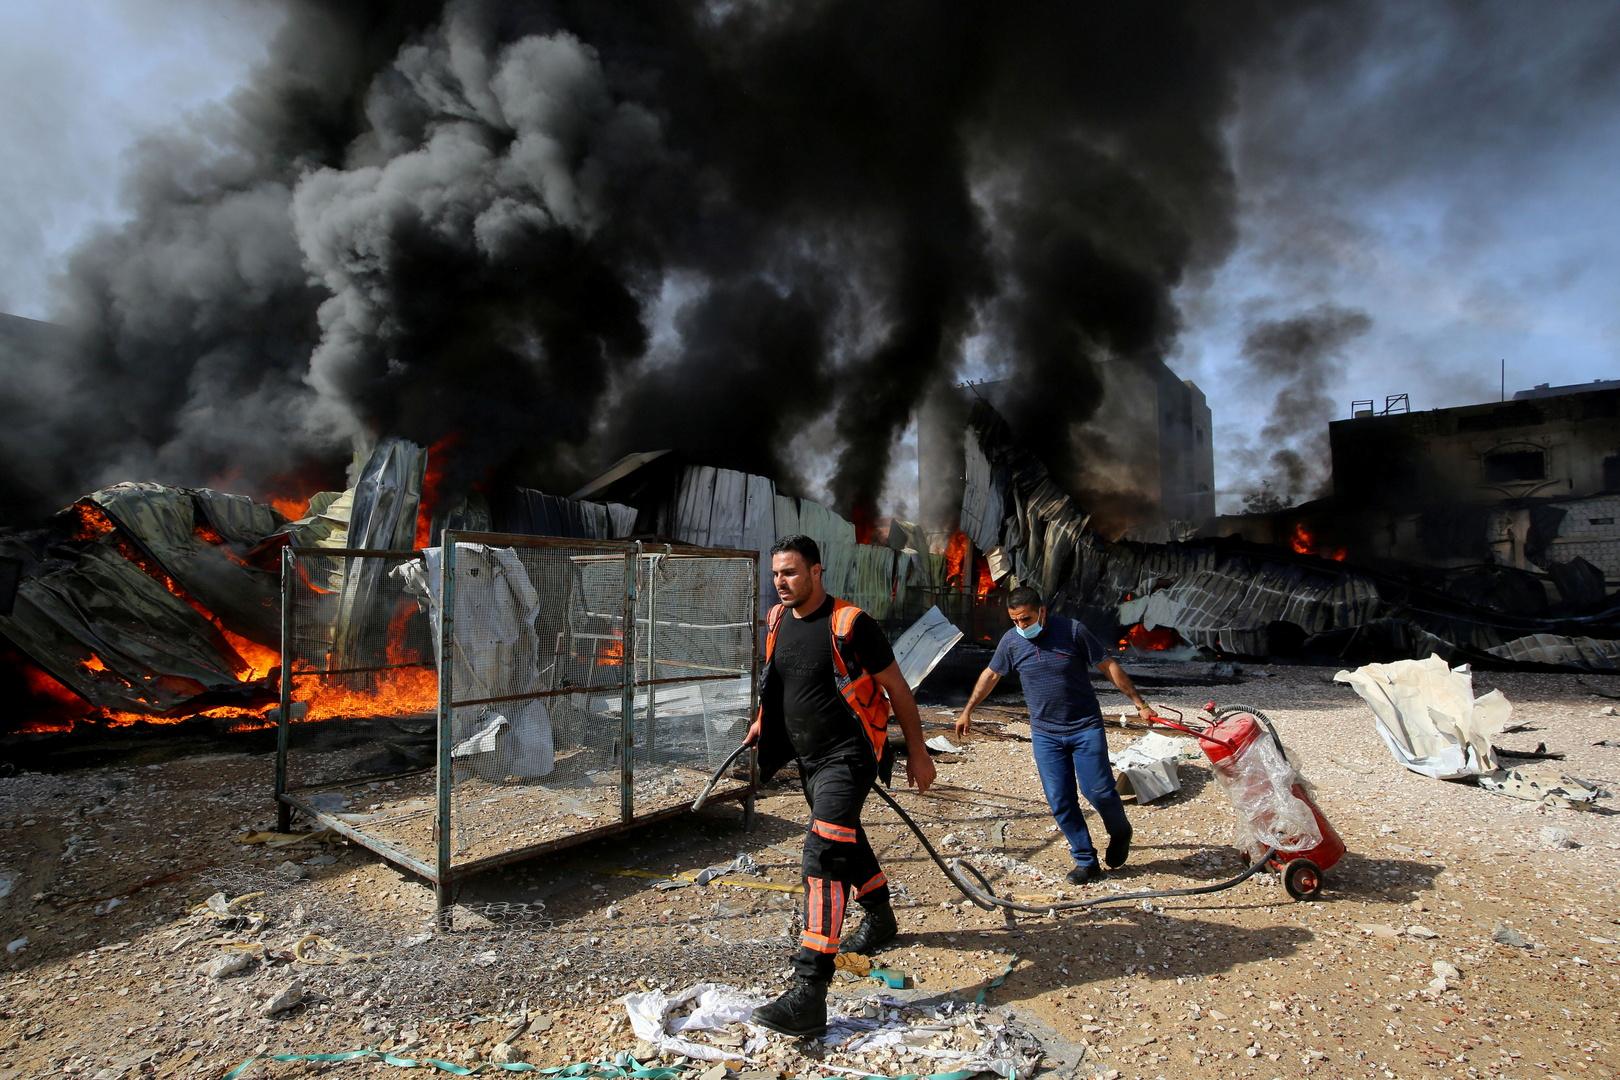 الهلال الأحمر الفلسطيني لـRT: نواجه نقصا في الأدوية والمعدات الطبية.. الوضع في غزة سيء (فيديو)